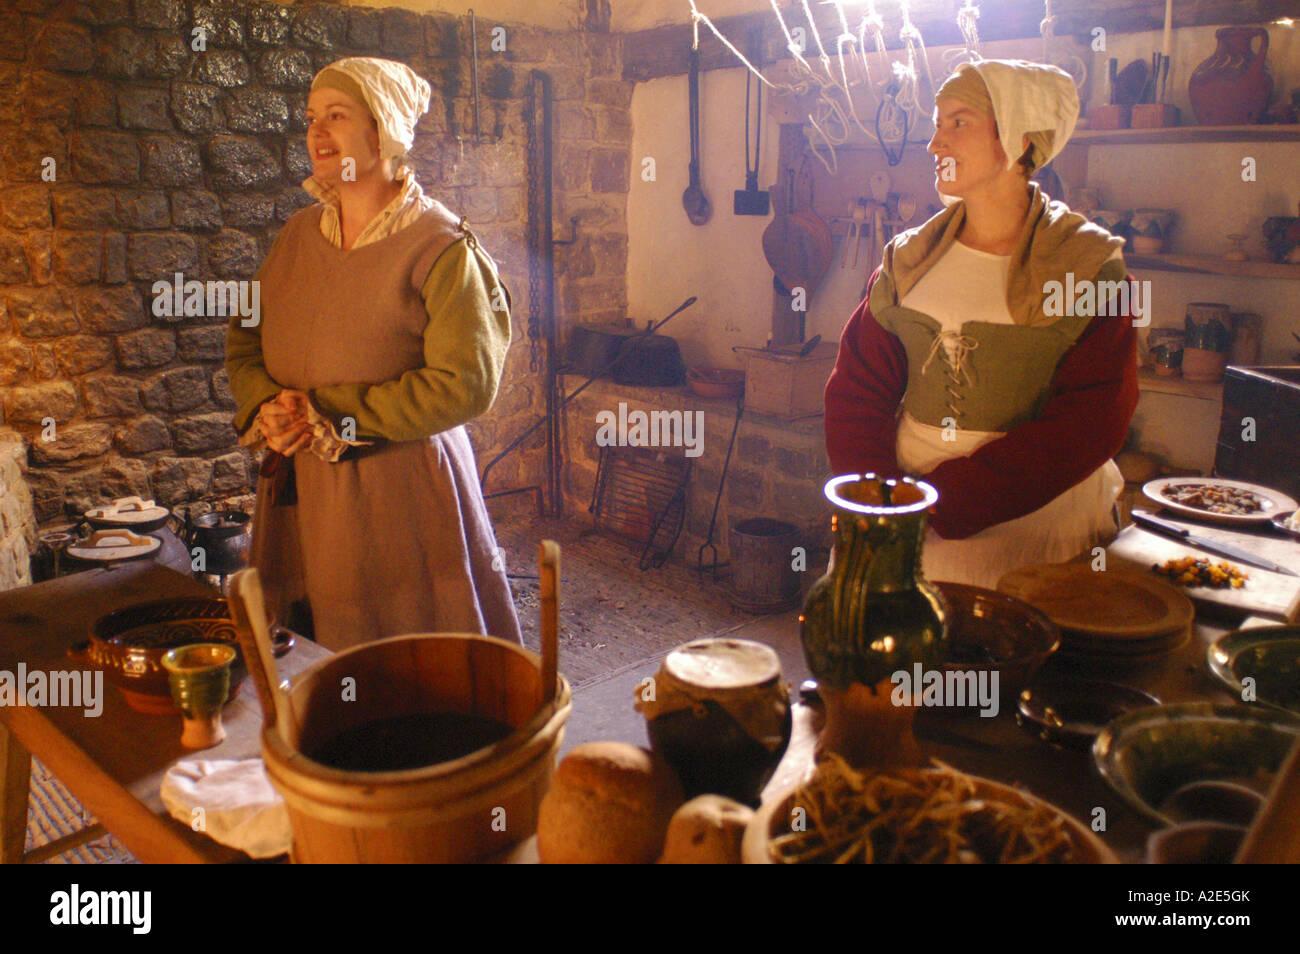 Re promulgare la medievale via della vita al Weald & Downland Museum Singleton West Sussex England foto da Andrew Immagini Stock